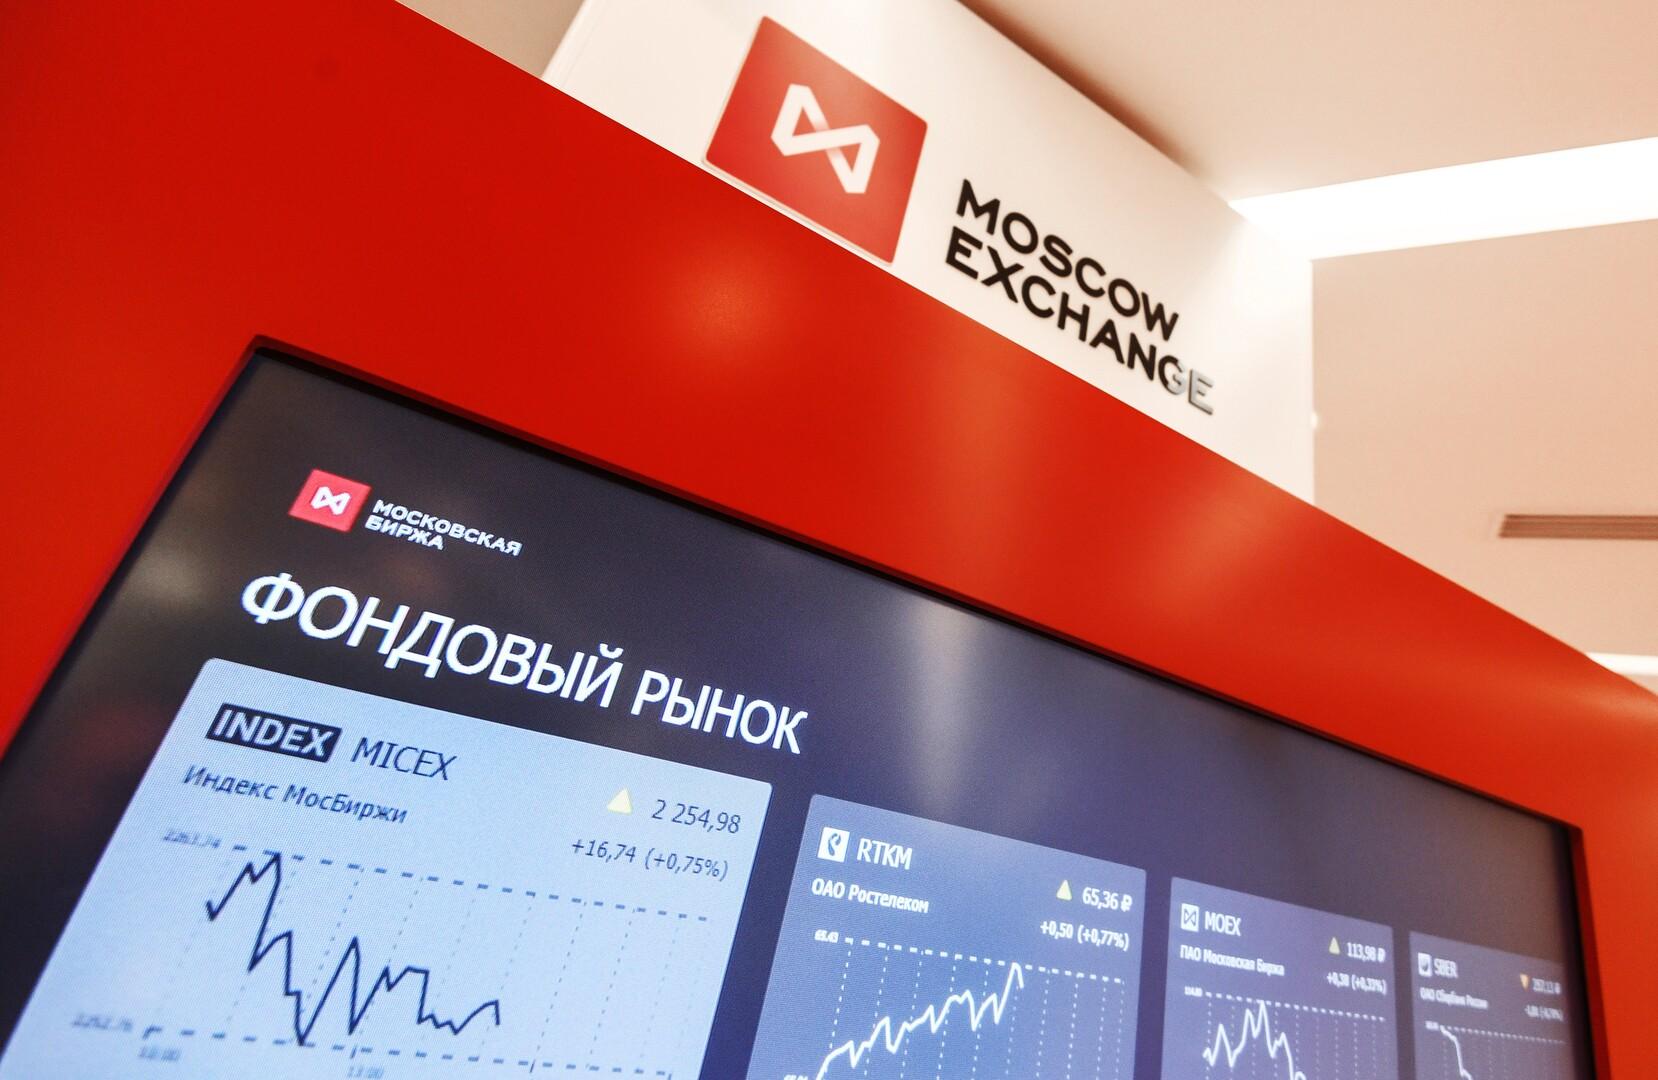 ارتفاع القيمة السوقية لشركات النفط الروسية بعد صعود أسعار الخام